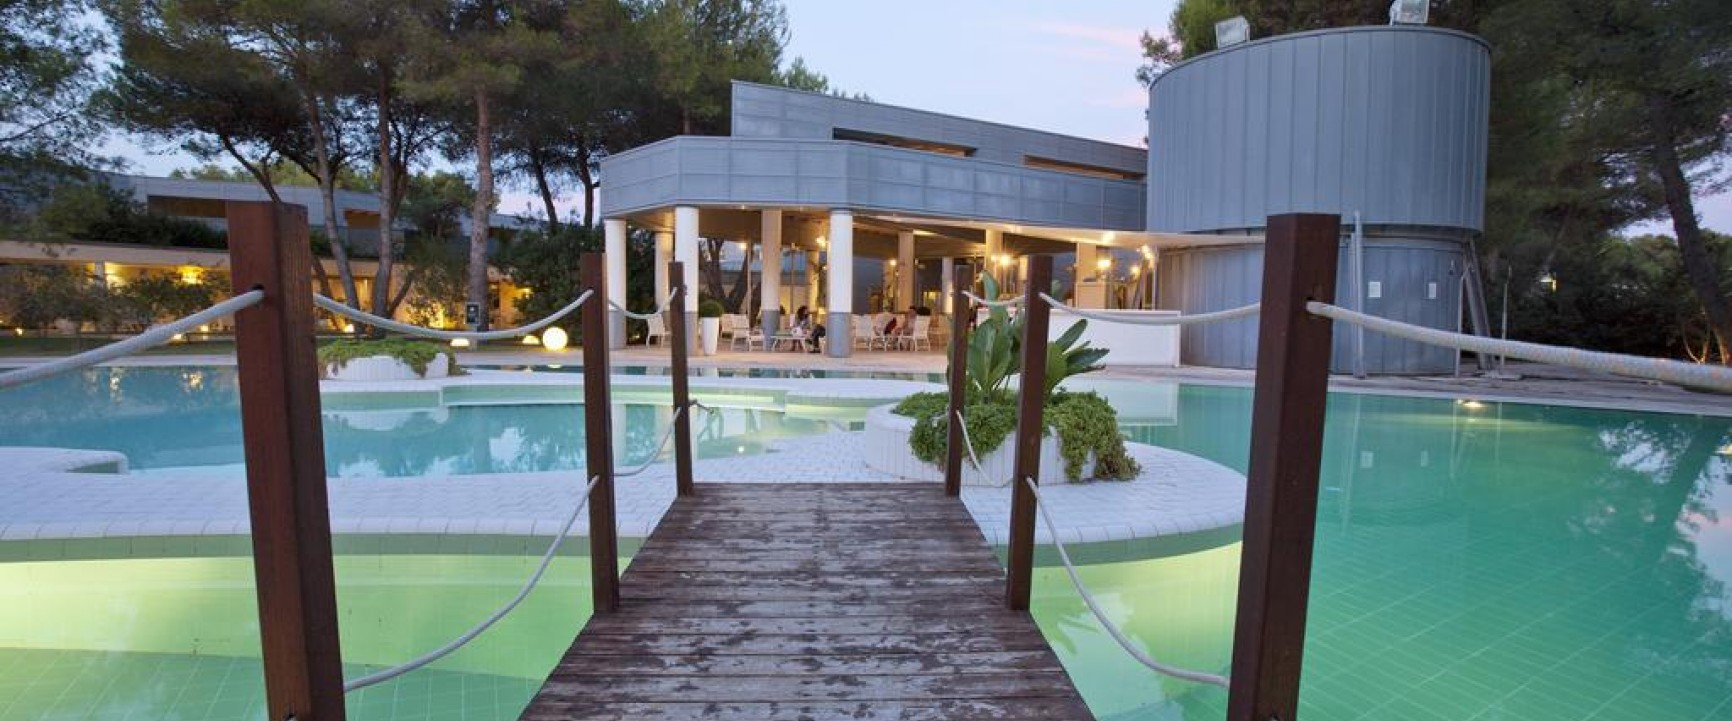 Alborea Eco Lodge